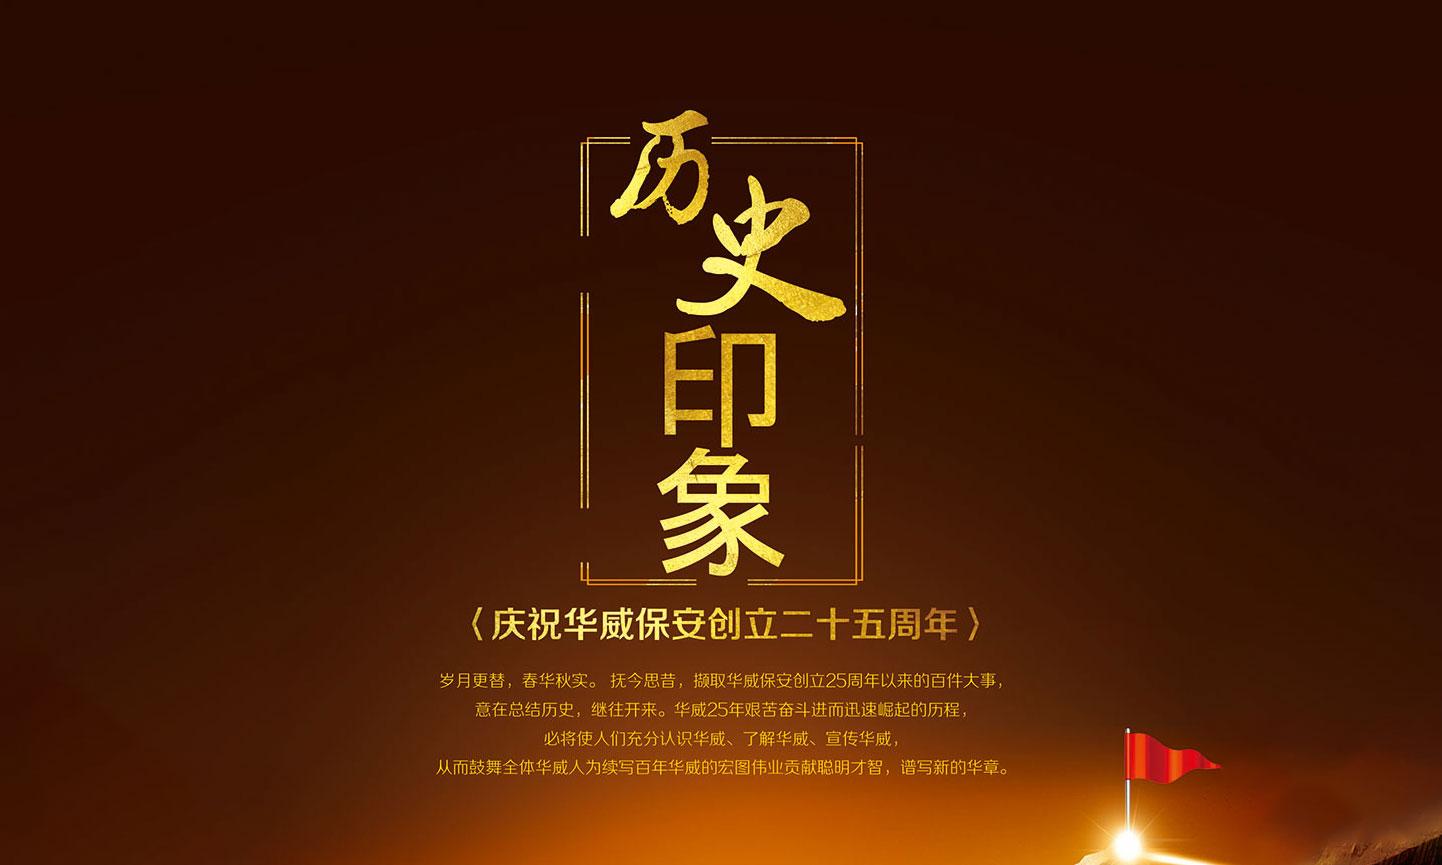 华威集团25周年 ——大事记